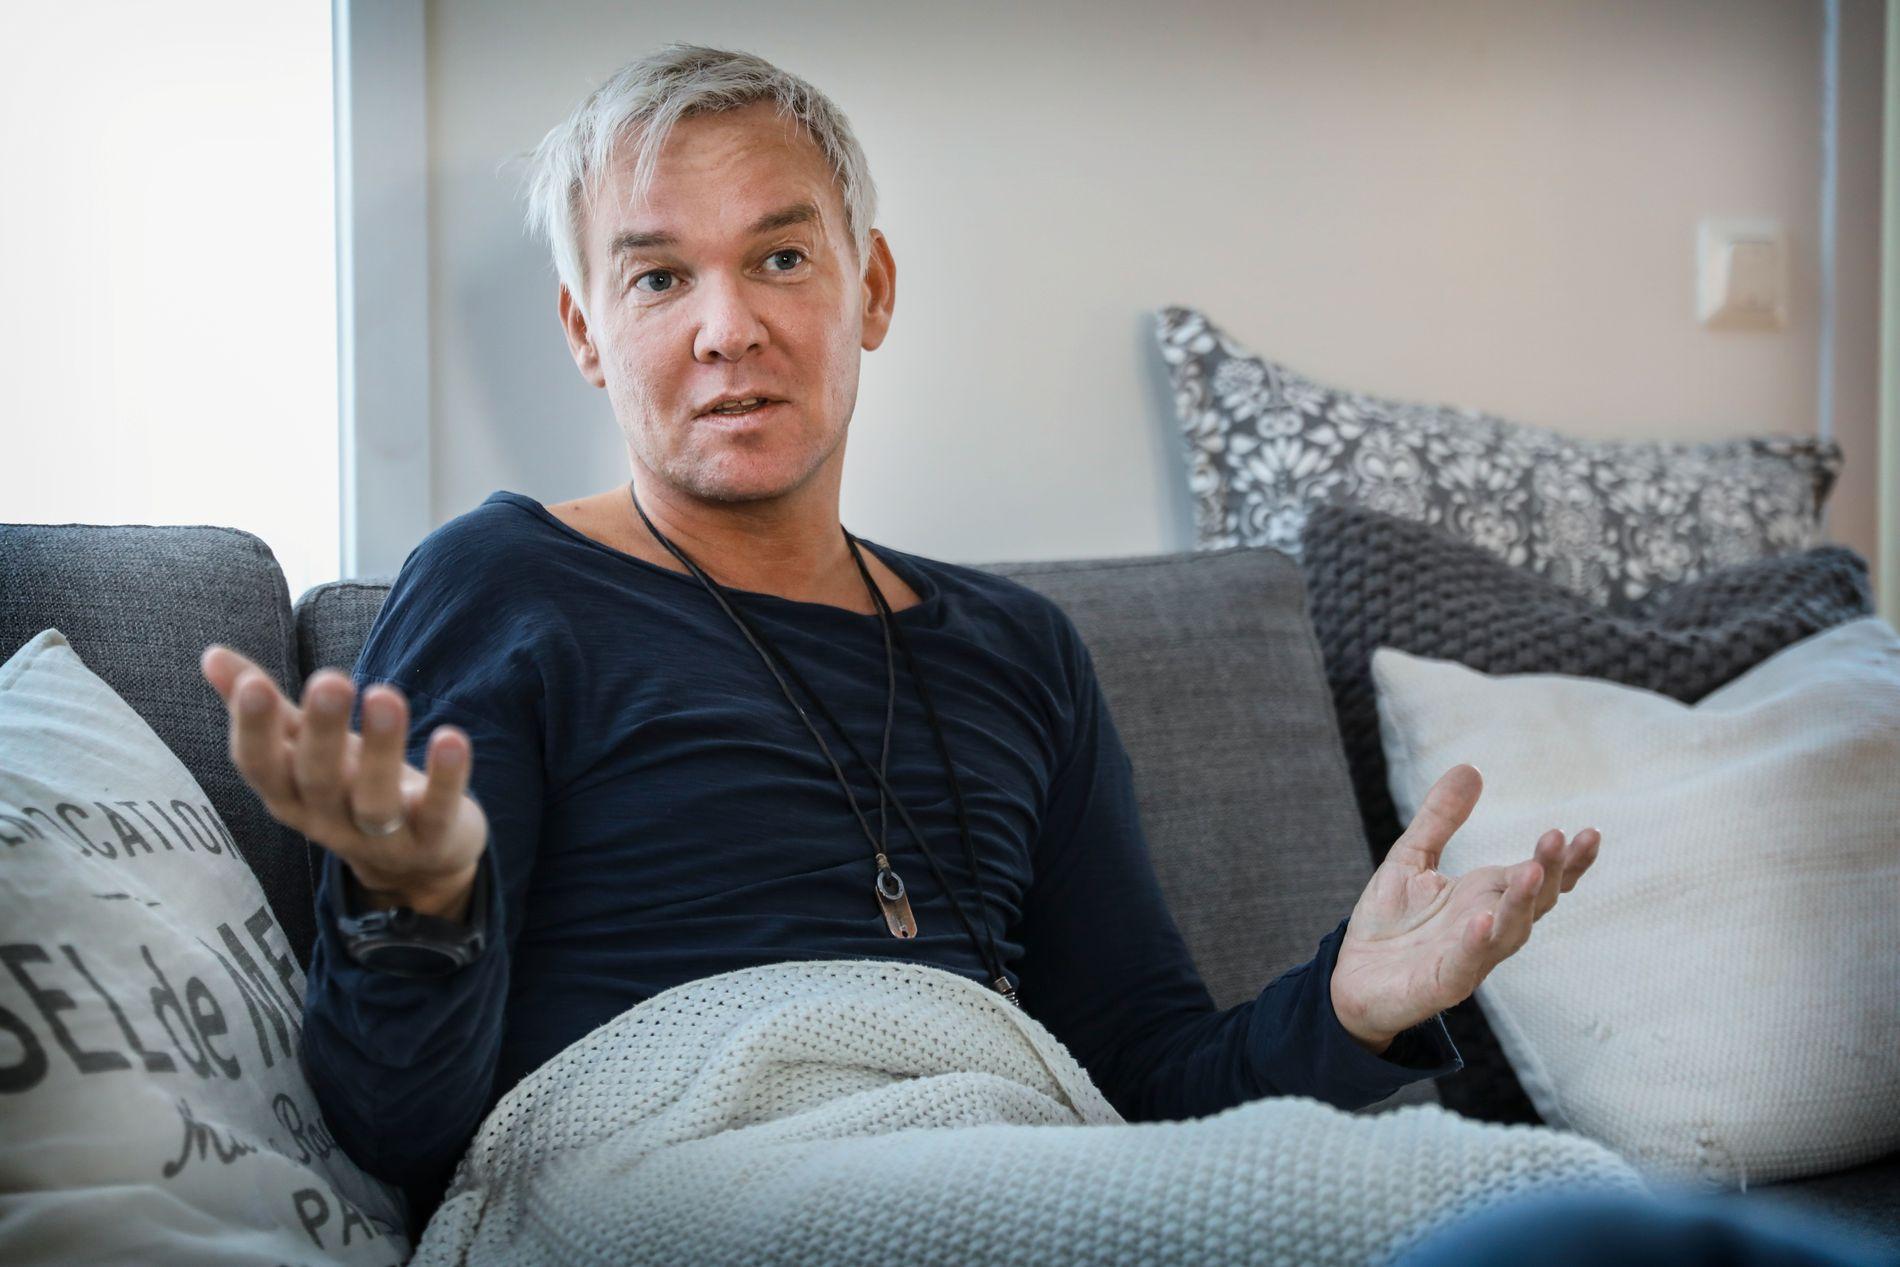 UT AV NORGE: Kristian Valen har fått nok av det han omtaler som trakasserier fra Oslo-politiets siden. Han forlater Norge så snart som mulig. Foto: MATTIS SANDBLAD